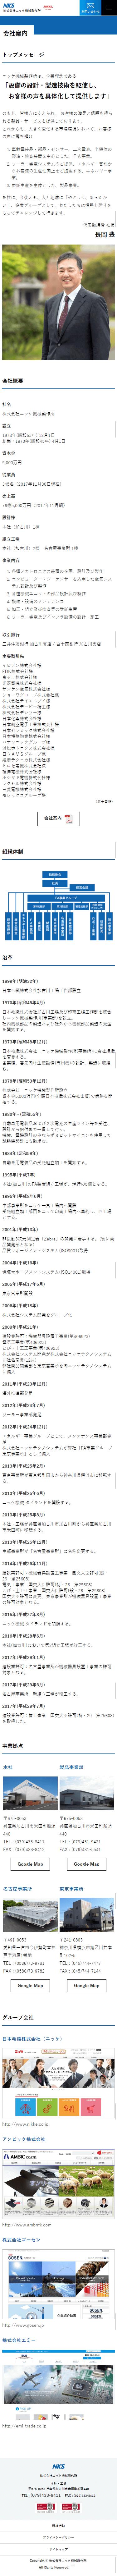 加古川市 株式会社ニッケ機械製作所 ホームページ制作4